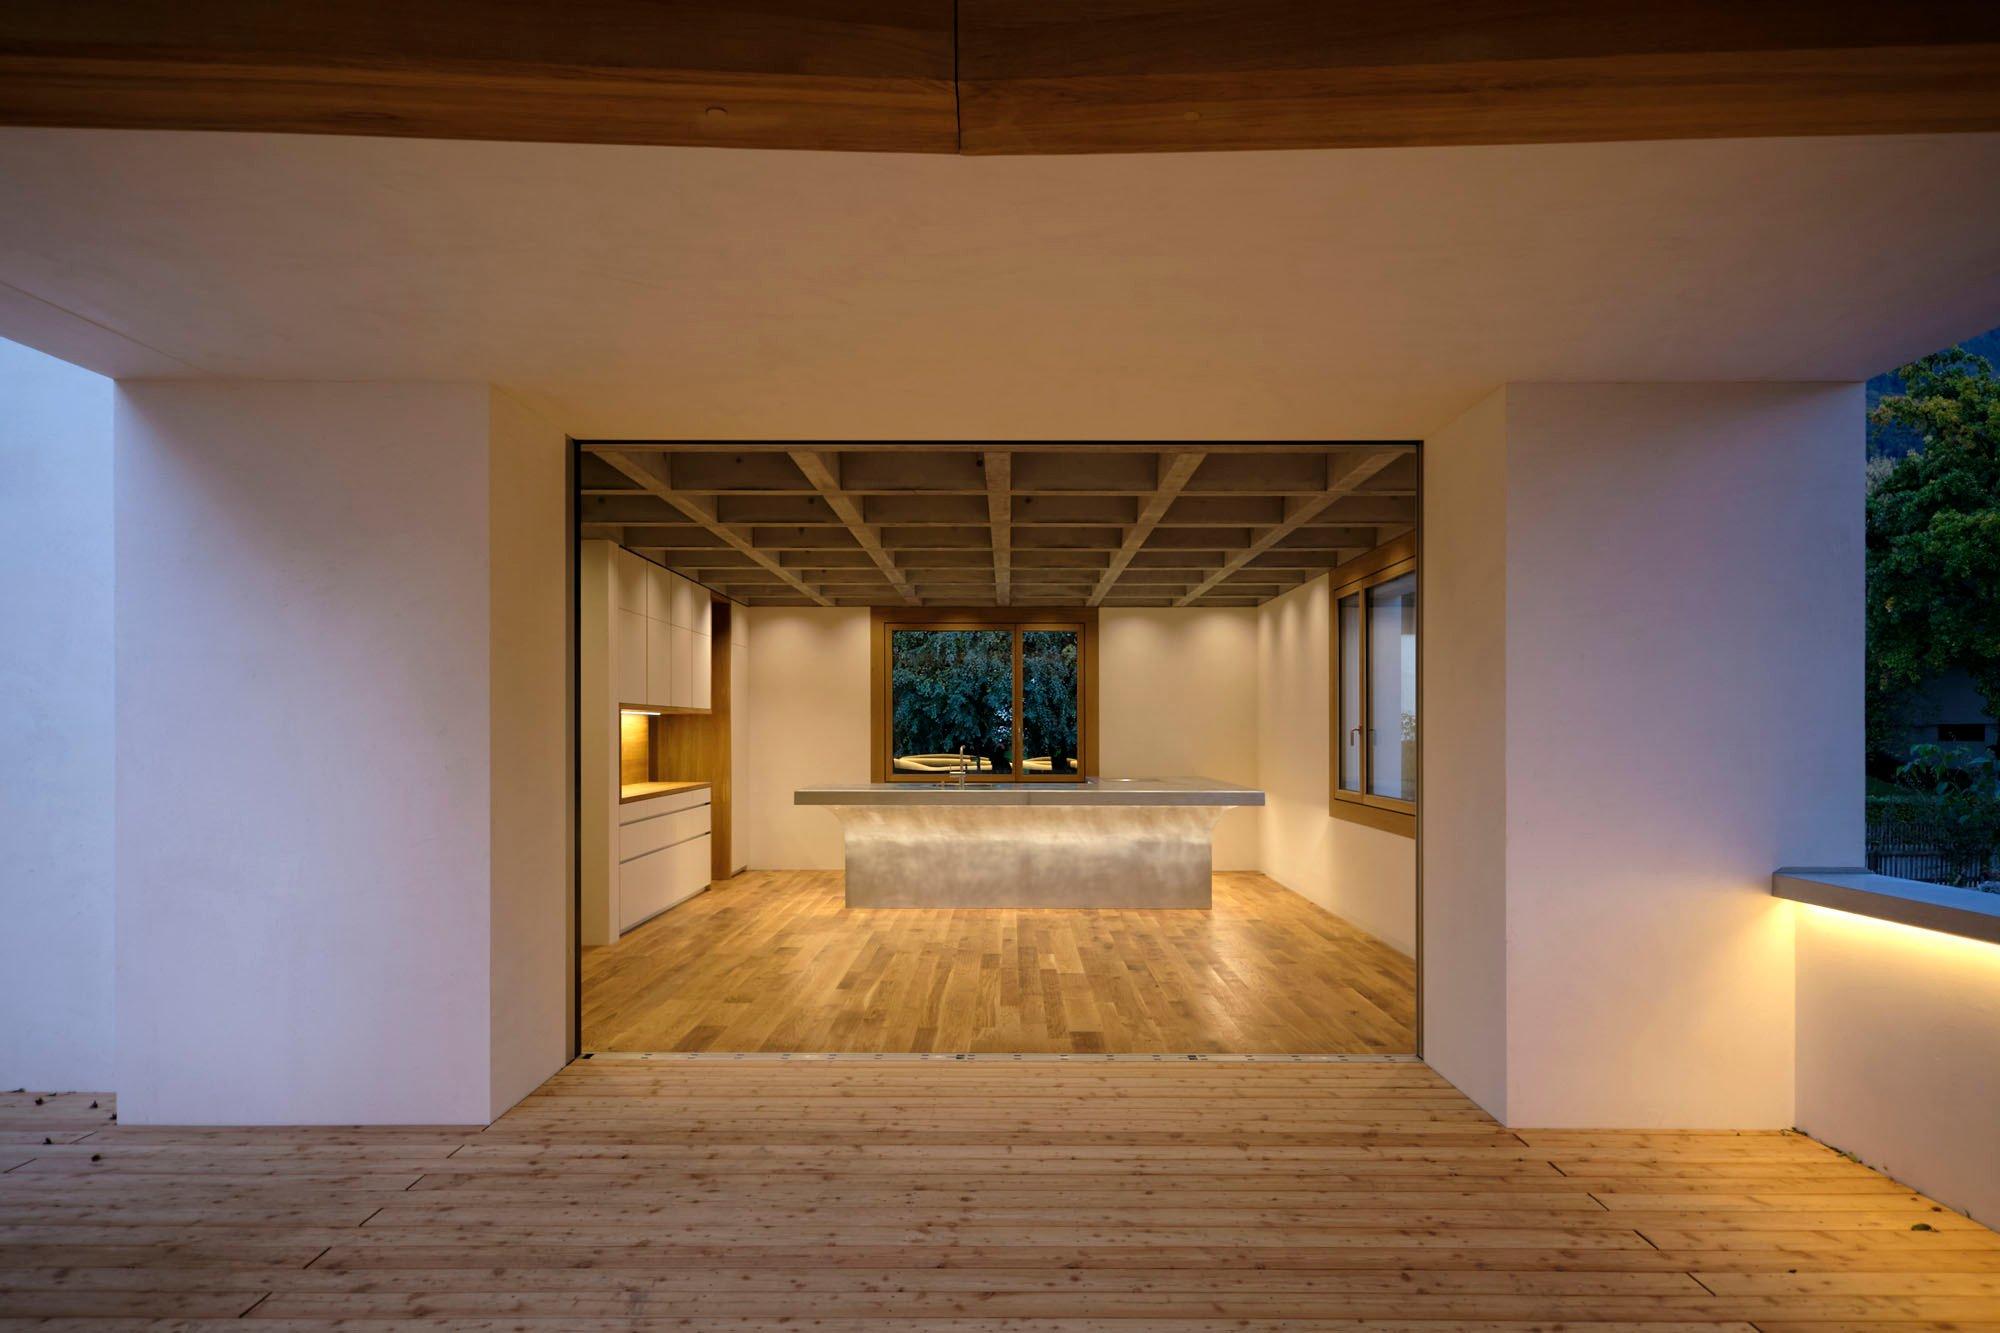 Blick von der Terrasse in die Küche: Das Wechselspiel aus Purismus und räumlicher Weite sorgt für eine überhöhte, beinahe sakrale Raumwirkung.